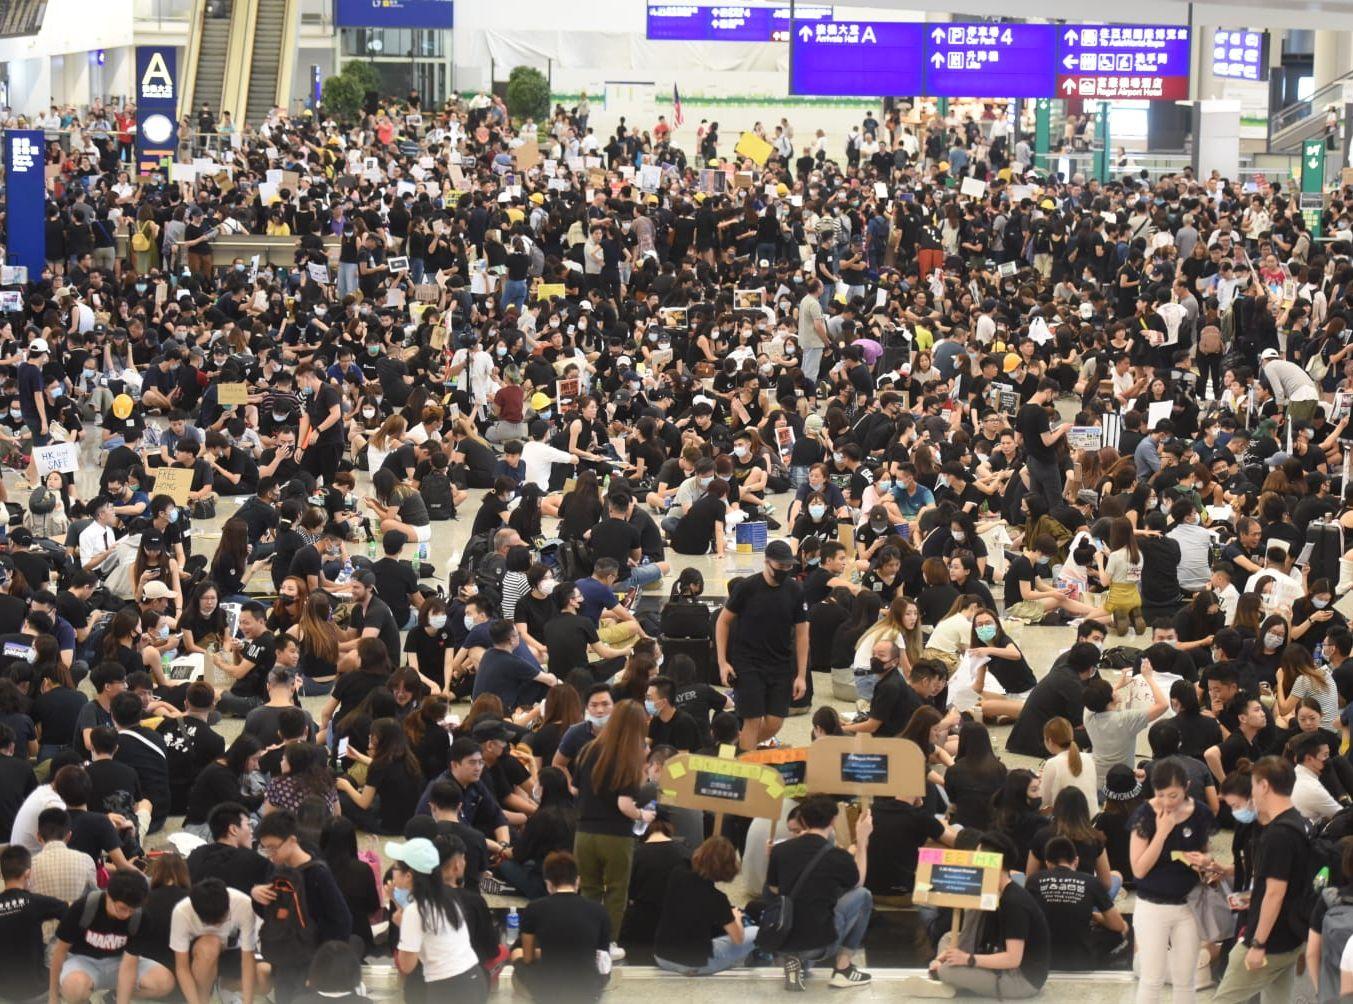 發起人指,過去9小時內,大約有1.5萬人參與。